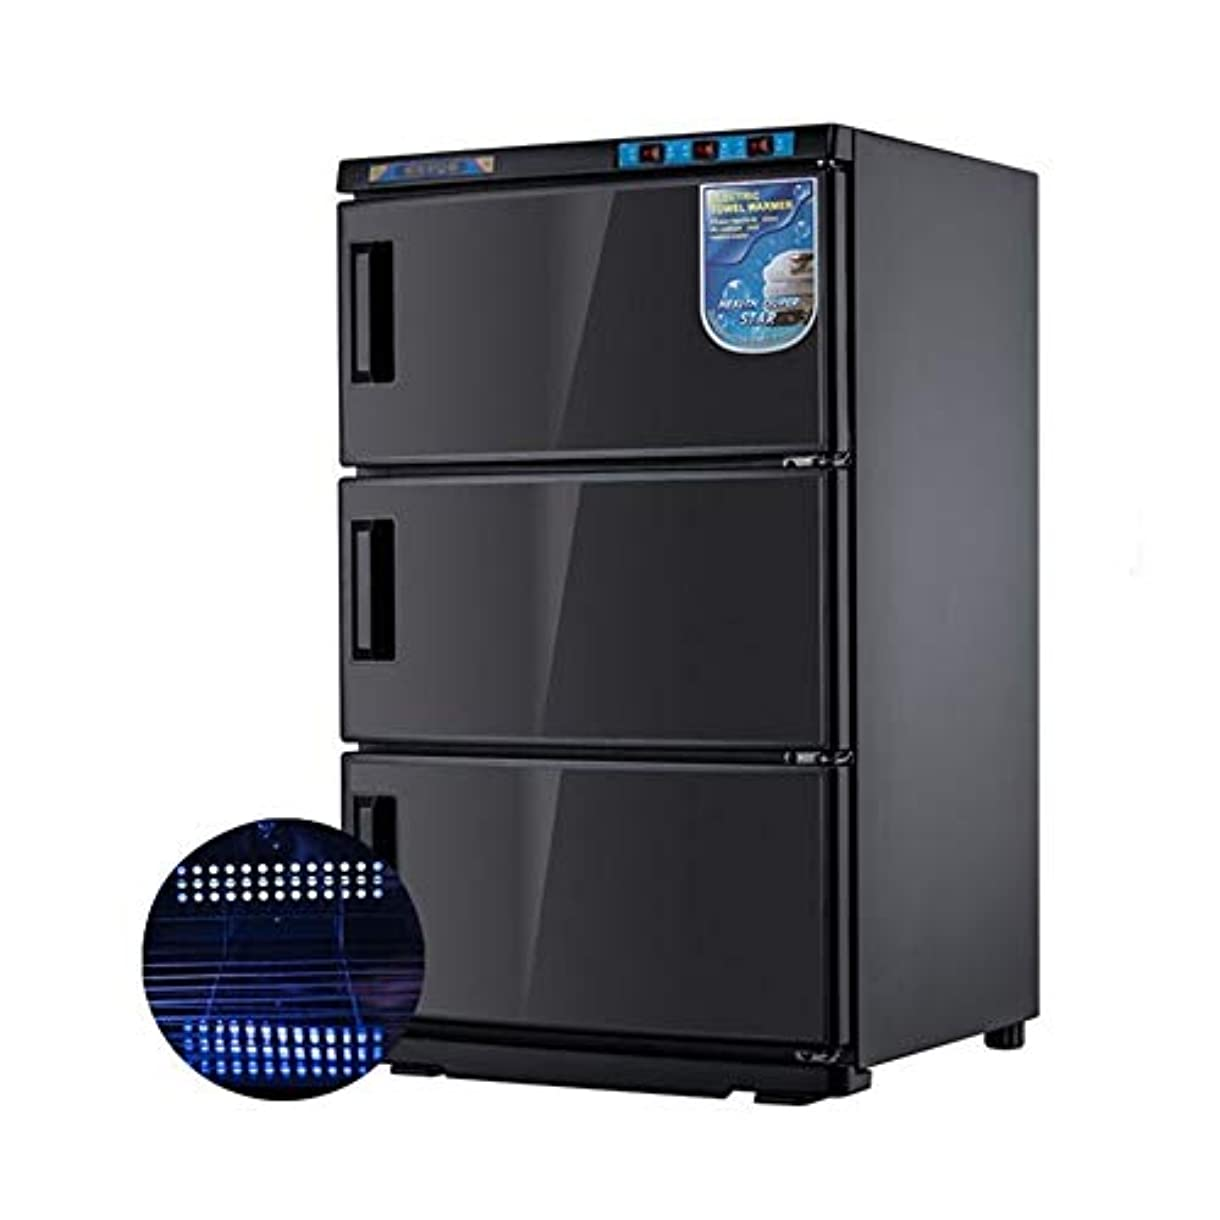 人気のびっくりするミキサー2in1 75L UV滅菌器ホットタオルウォーマーキャビネットウェットタオルヒーターフェイシャルスキンSPAマッサージヘアビューティーサロン機器(ブラック)